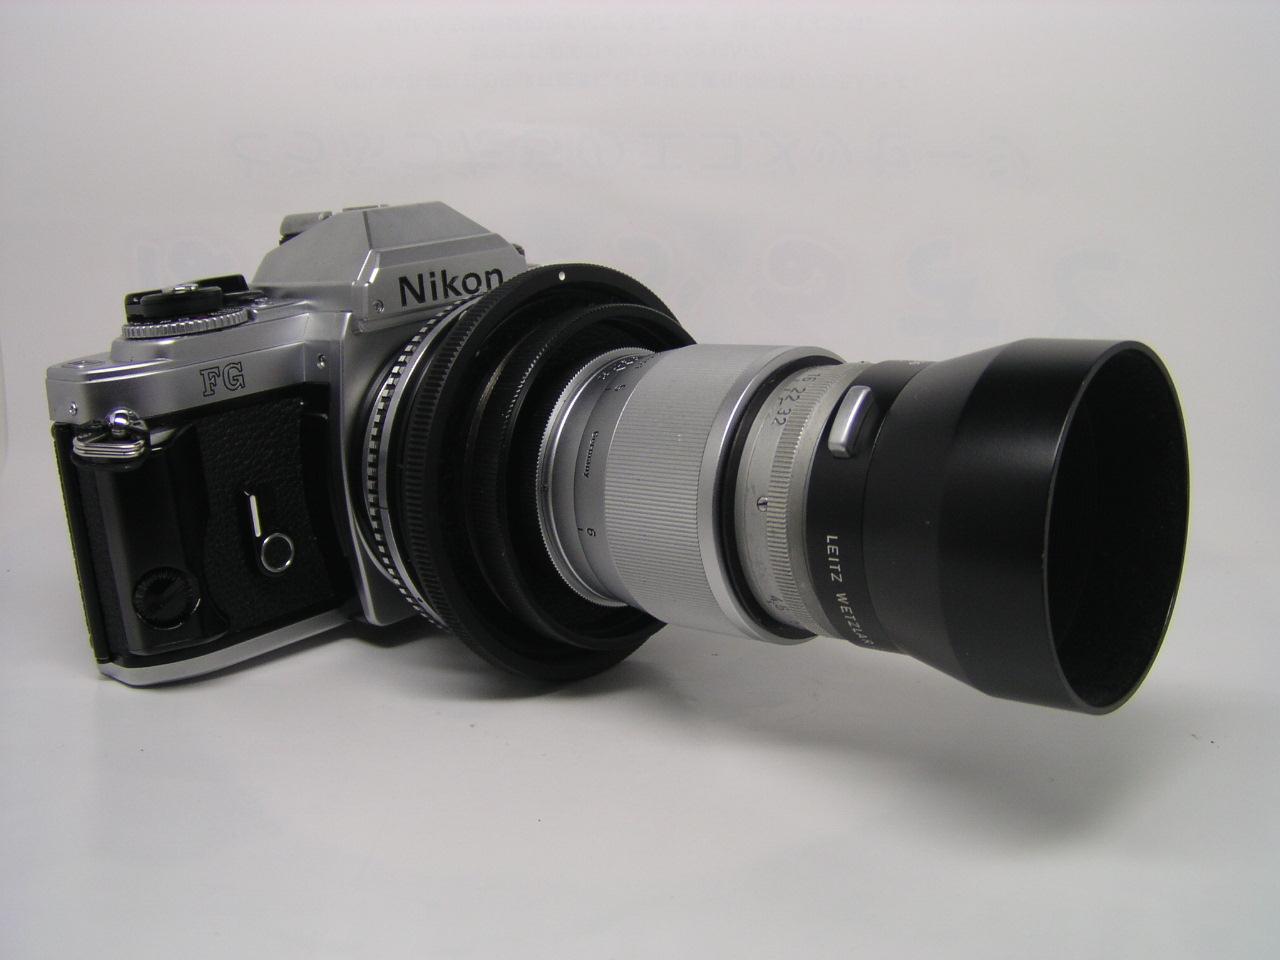 ライカビゾ用のレンズを各種カメラに活用*****キューちゃん_d0138130_1622211.jpg